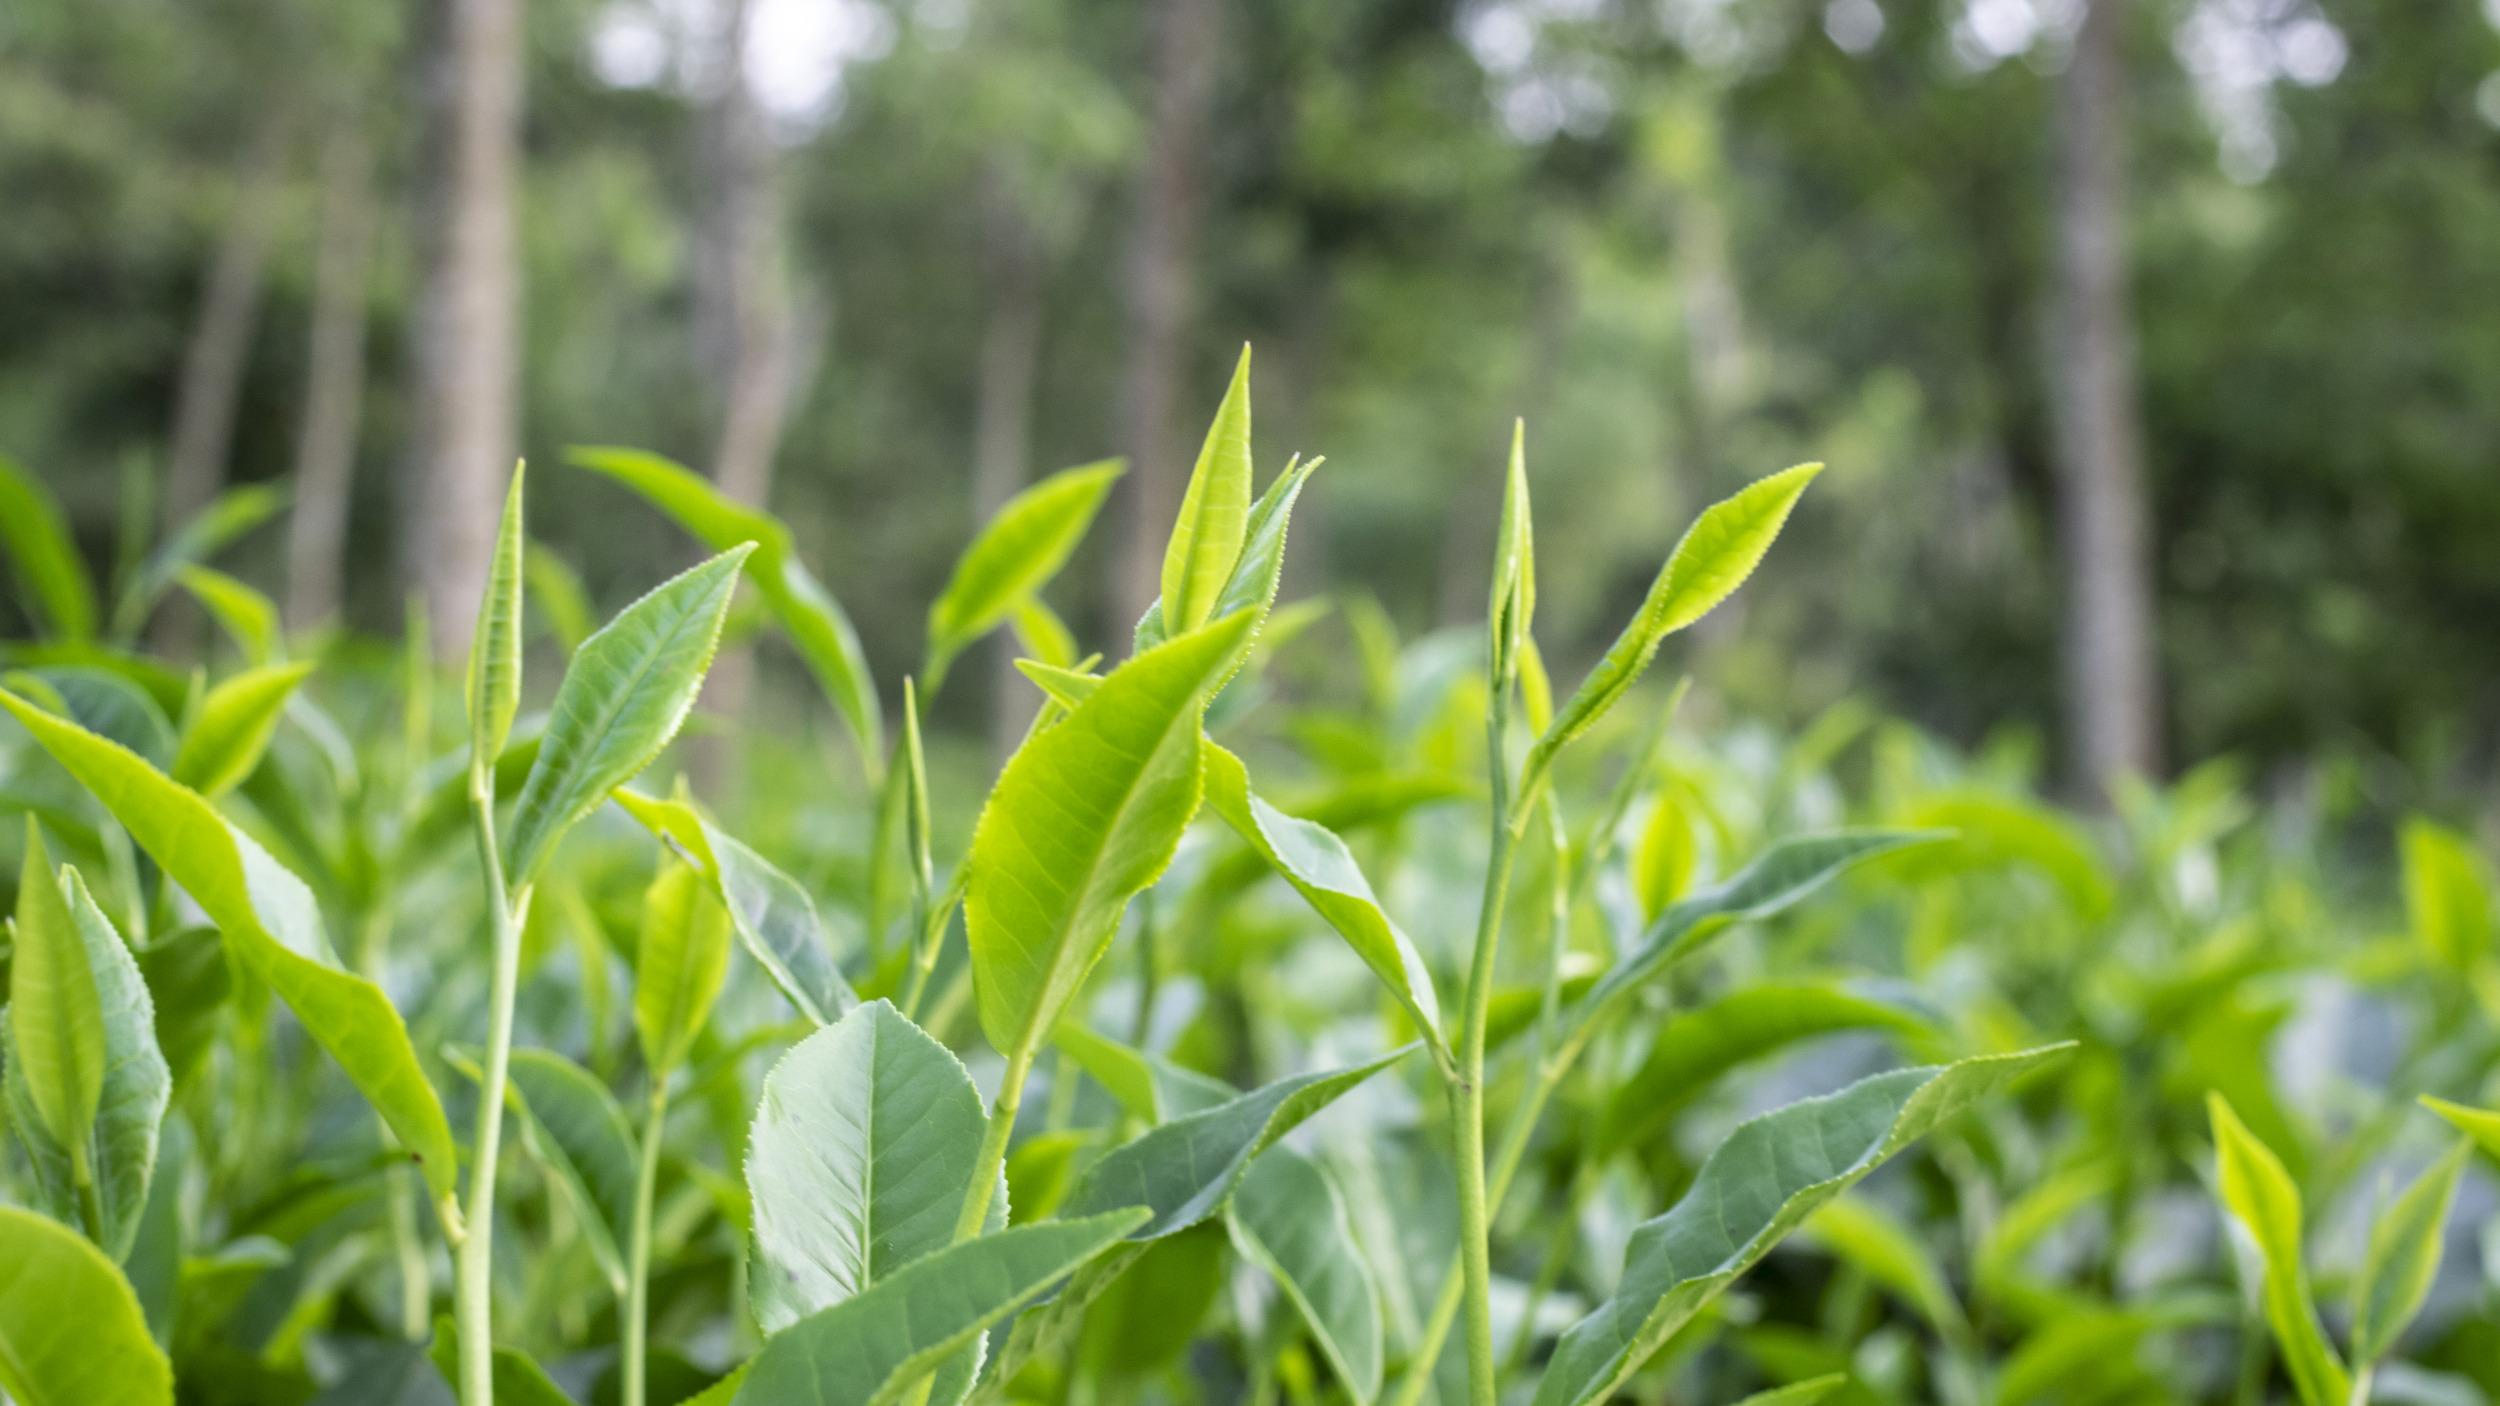 Tea Salish Sea! - Green tea leaf